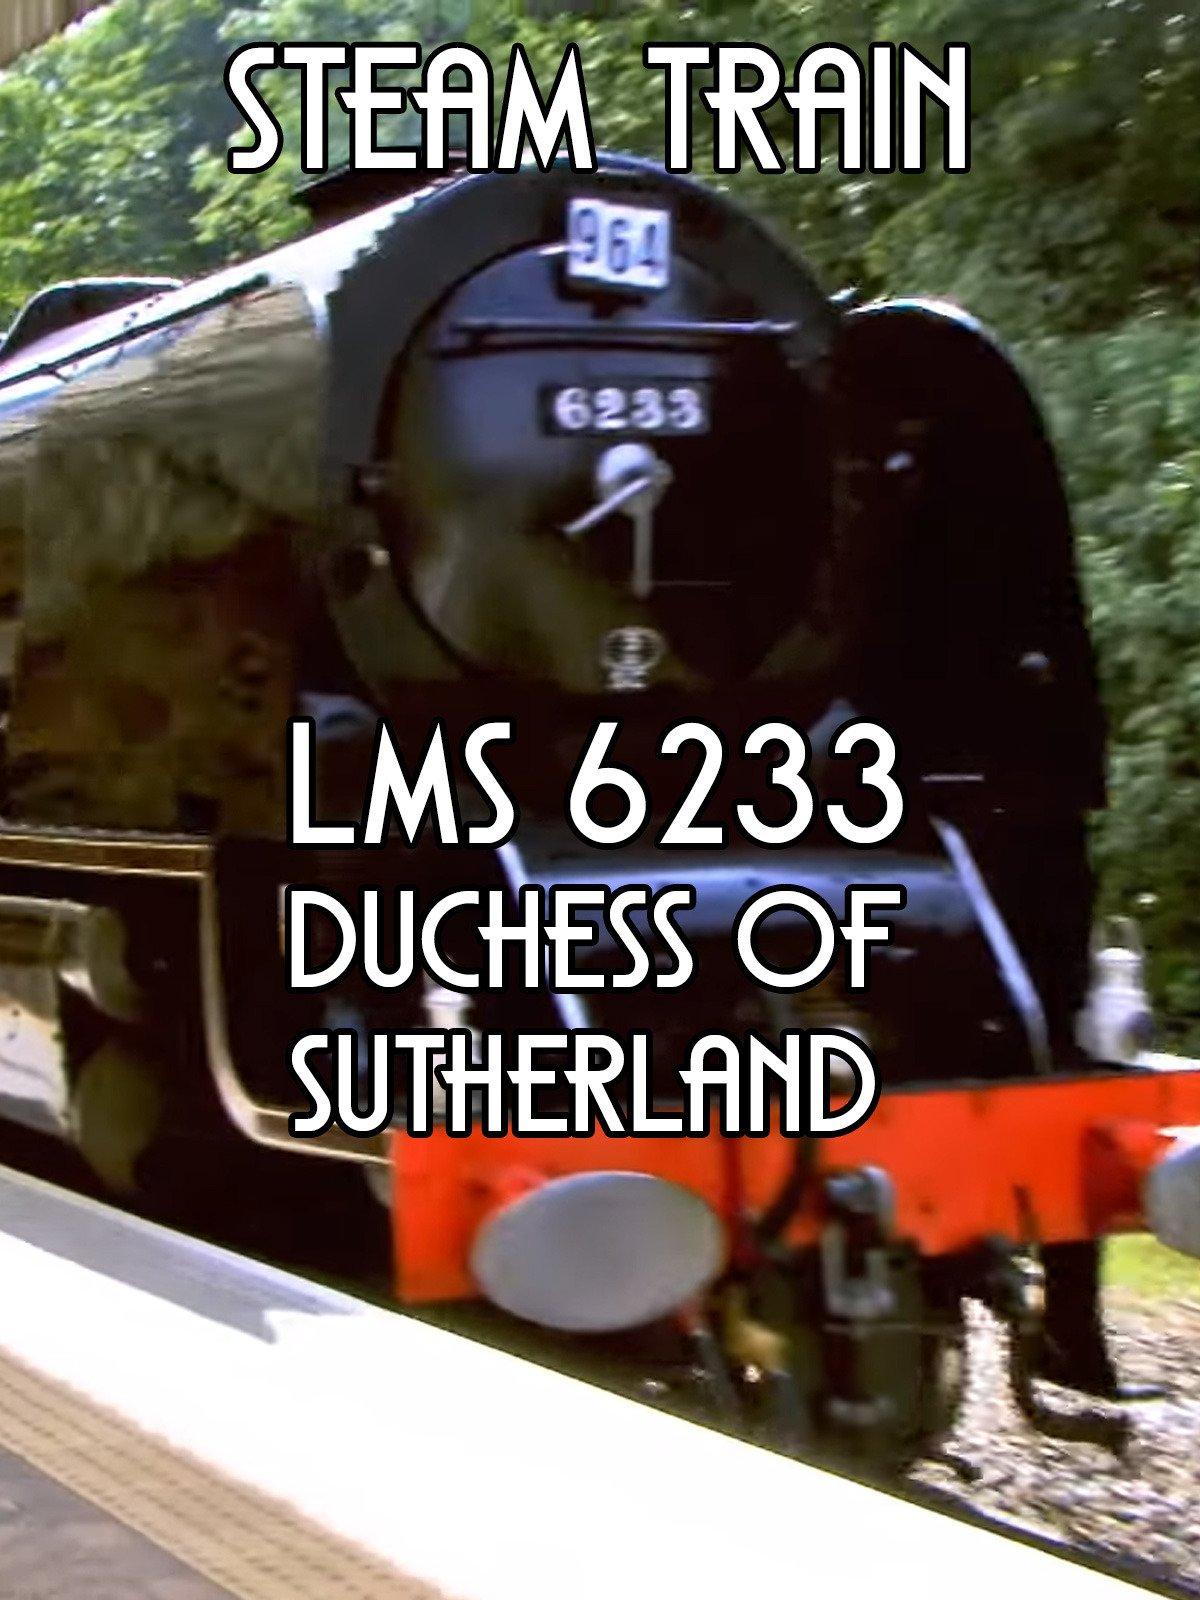 Clip: Steam Train LMS 6233 Duchess of Sutherland